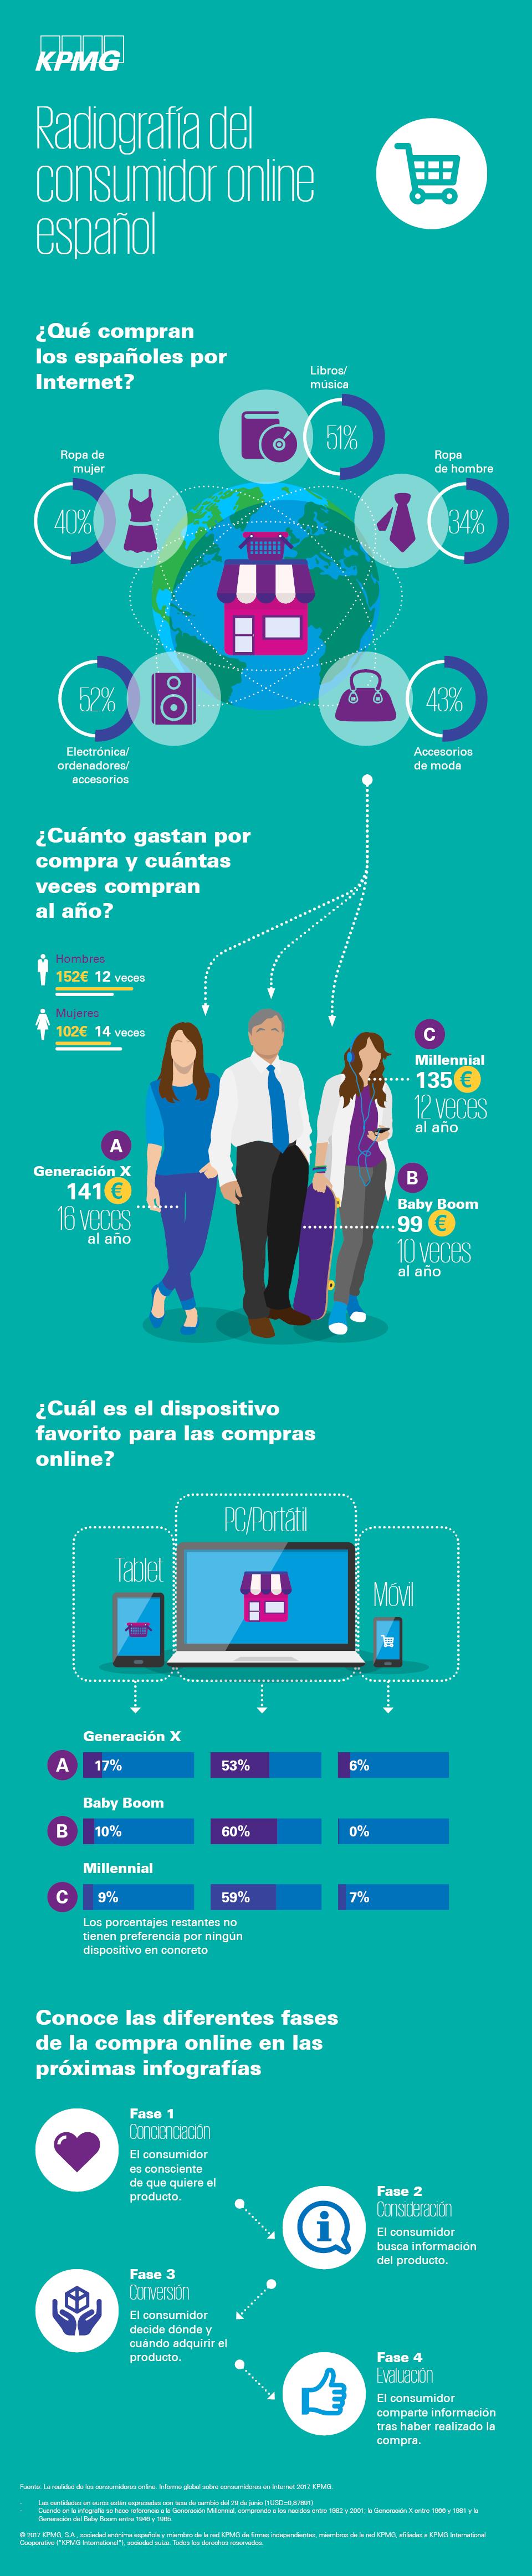 Radiografía del consumidor online español #infografia #infographic #marketing